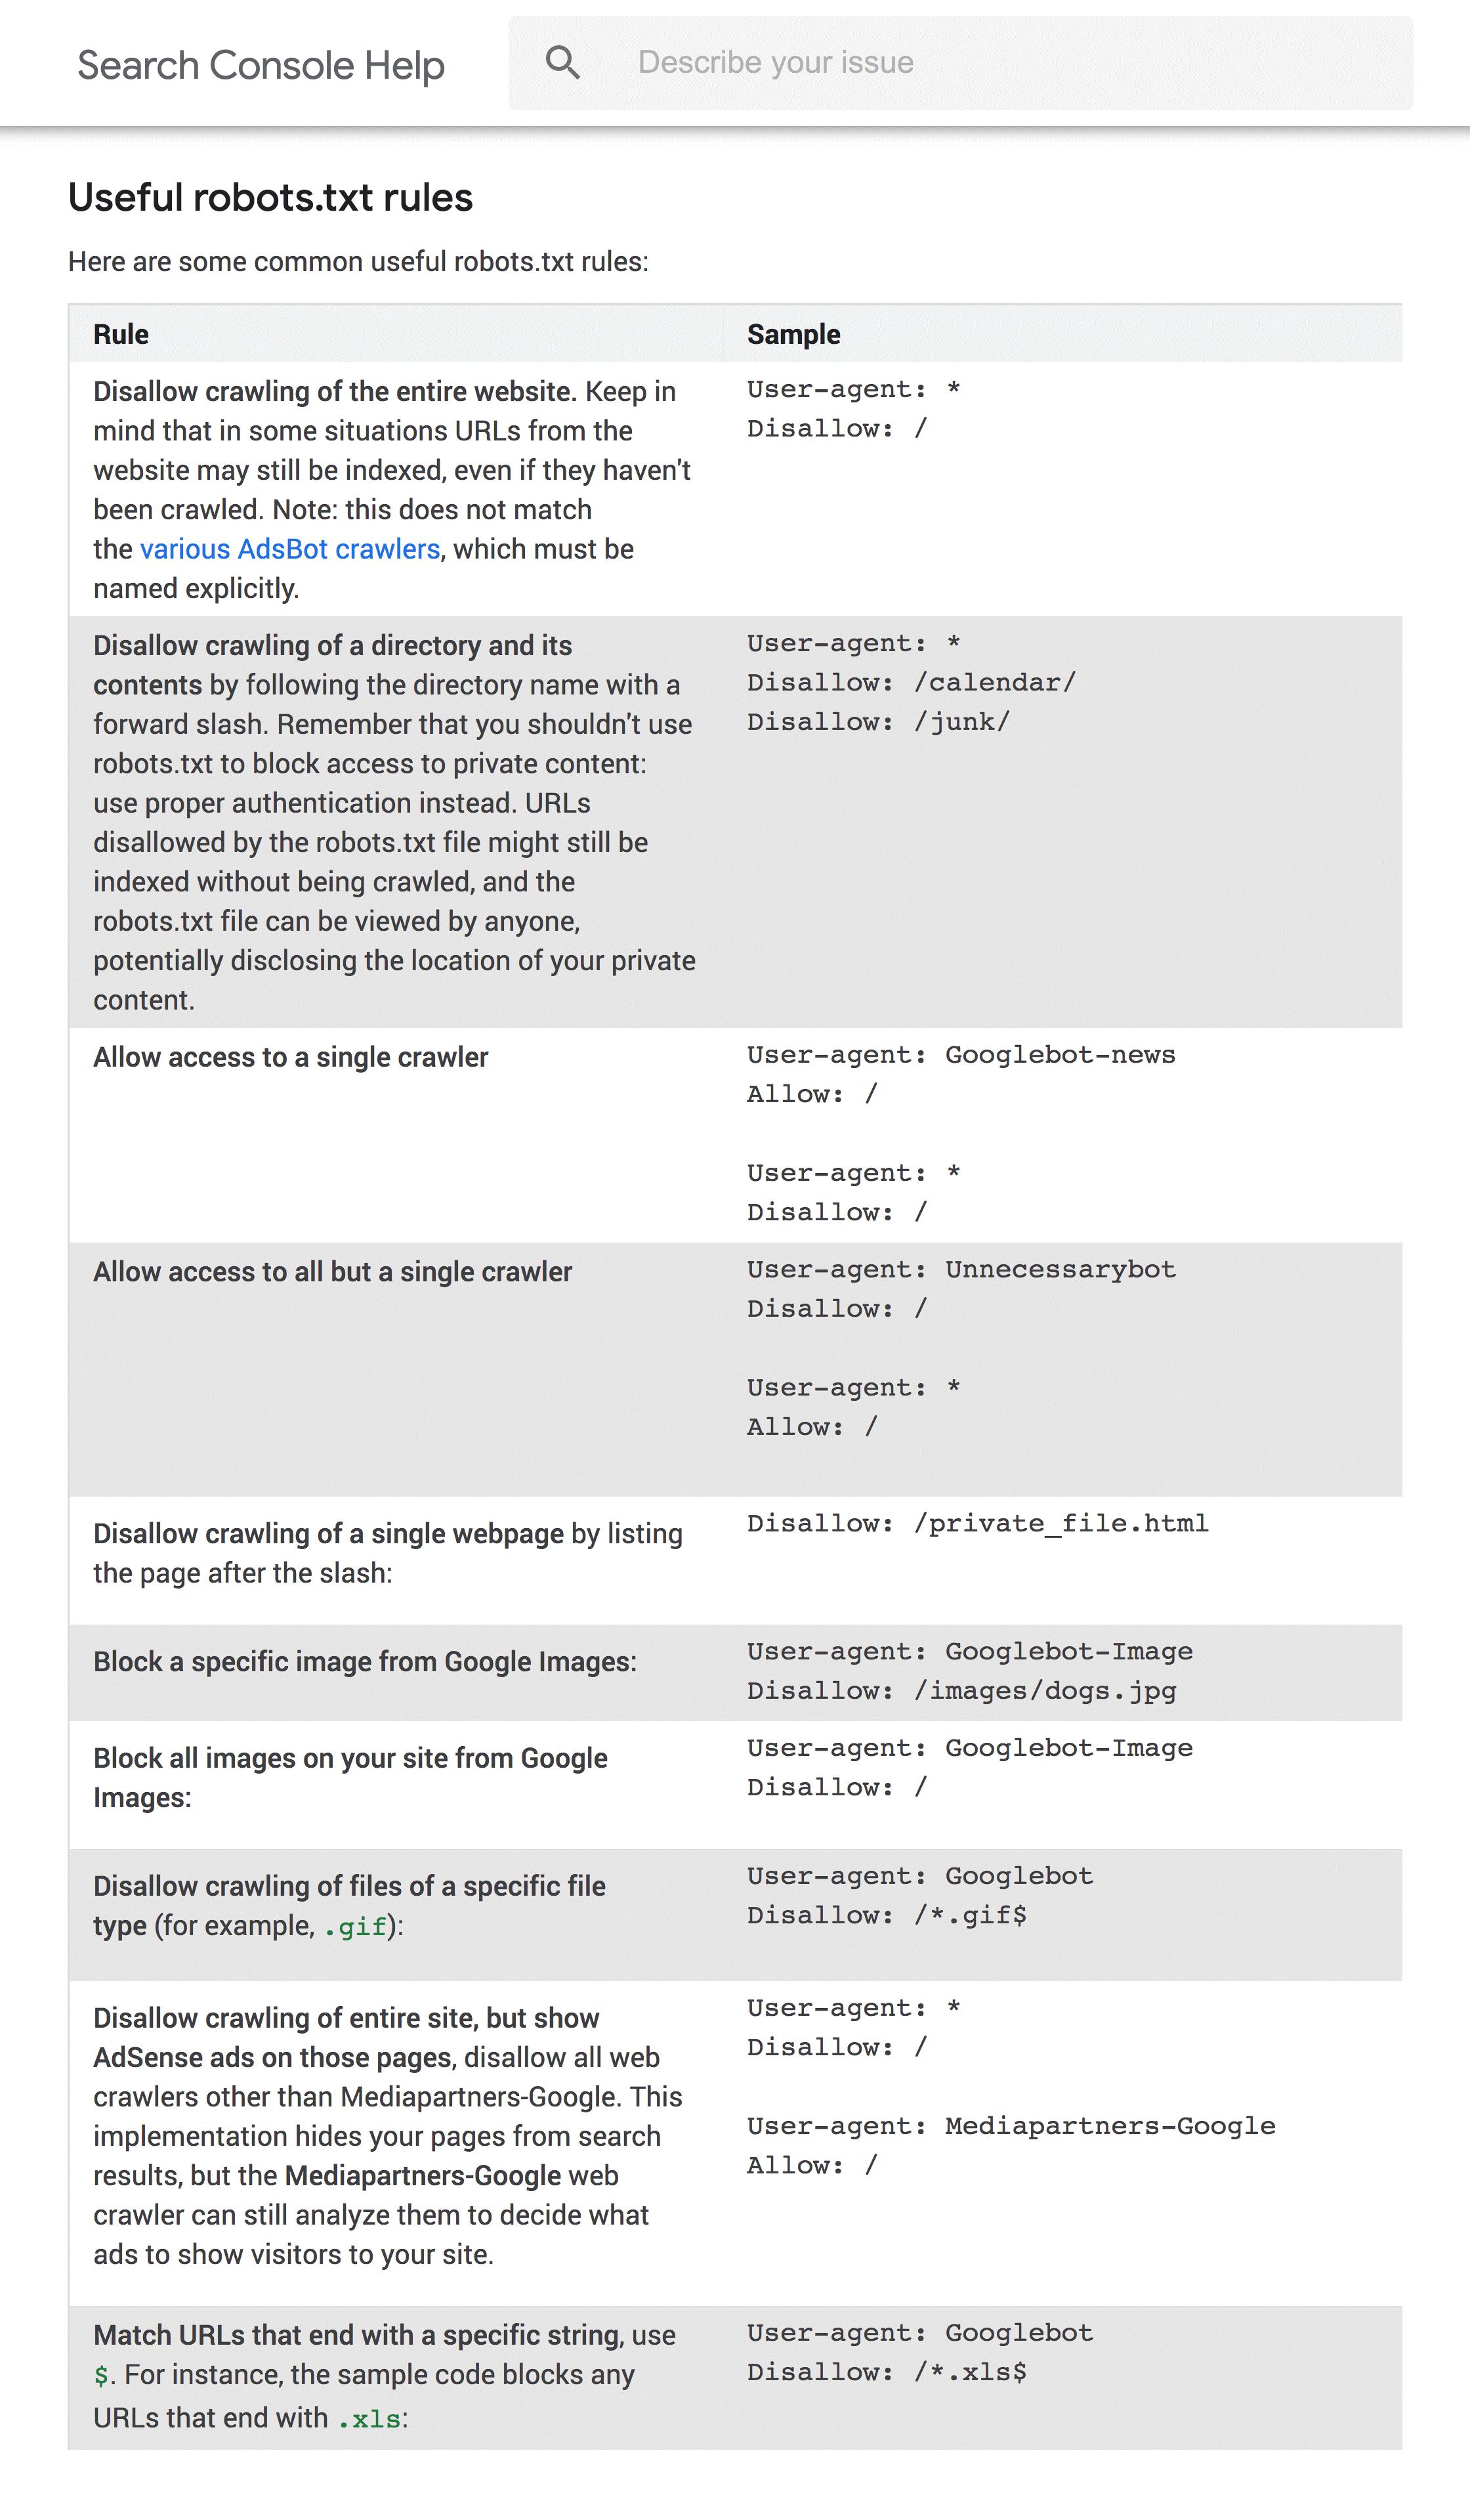 قوانین robot.txt